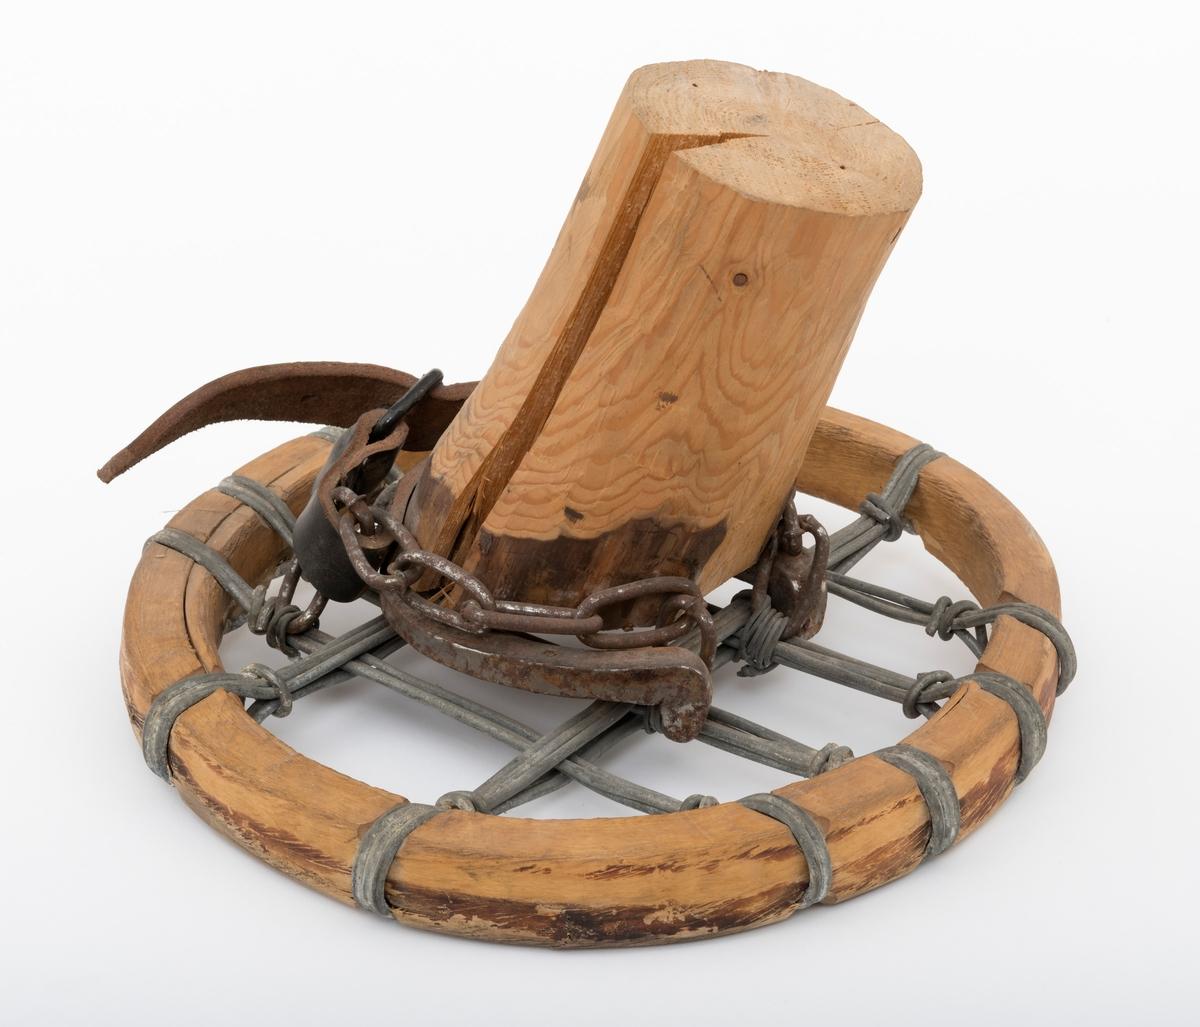 Materialet i trugeringen er bjørk. Bunnen i truga består av ståltråd. To tredobbelte og to firedobbelte ståltråder går. Langsetter, og to femdobbelte ståltråder går tversover. Til truga er det spent fast en hestefot av ter med hestesko. Foten er festet med to kjettingstumper og en lærreim med spenne. Litt: Se SJF 3386.